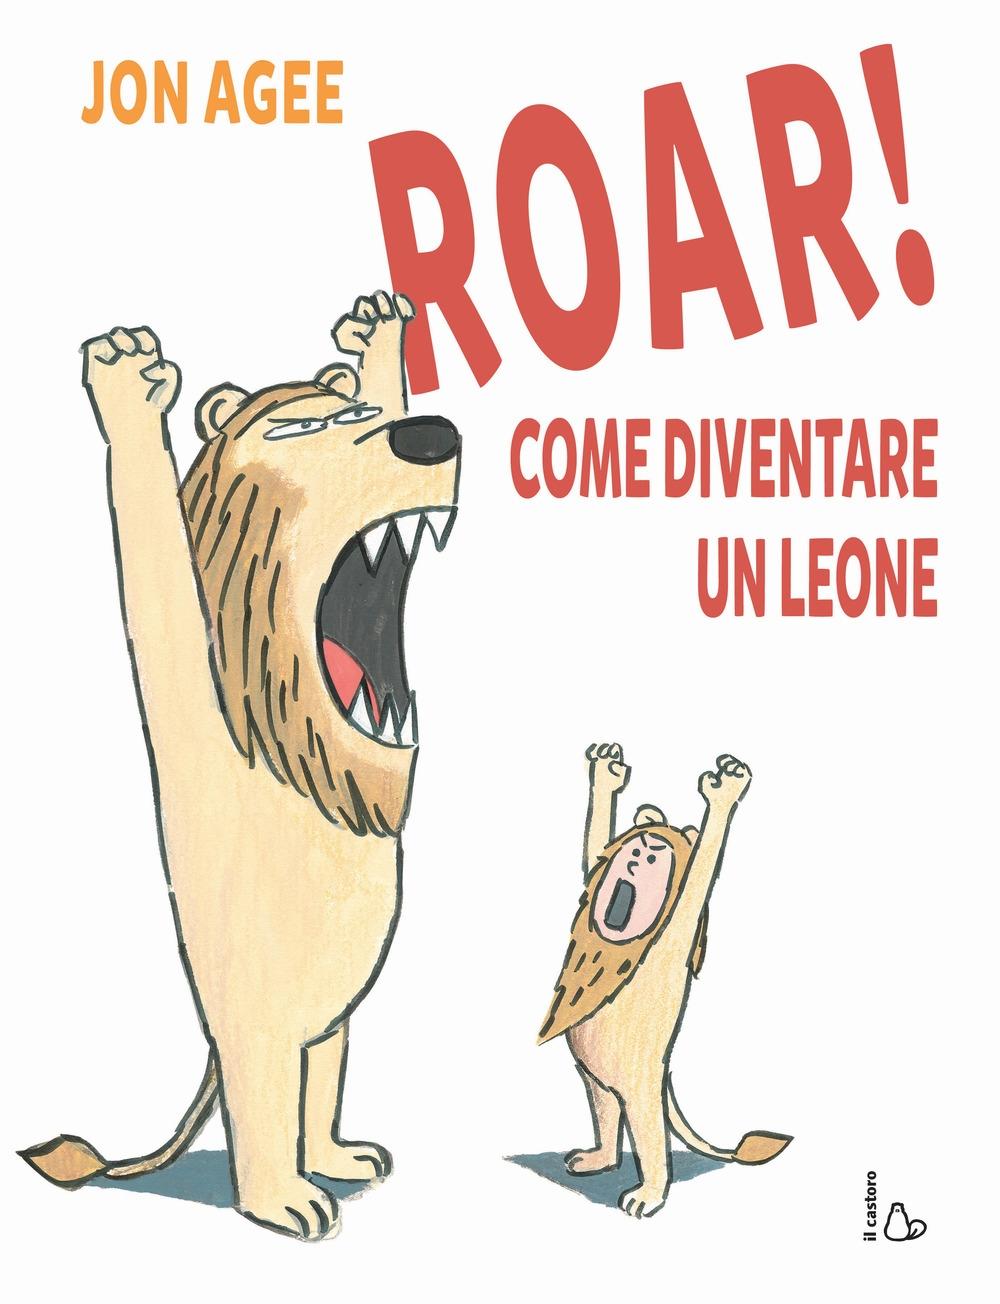 Roar! come diventare un leone